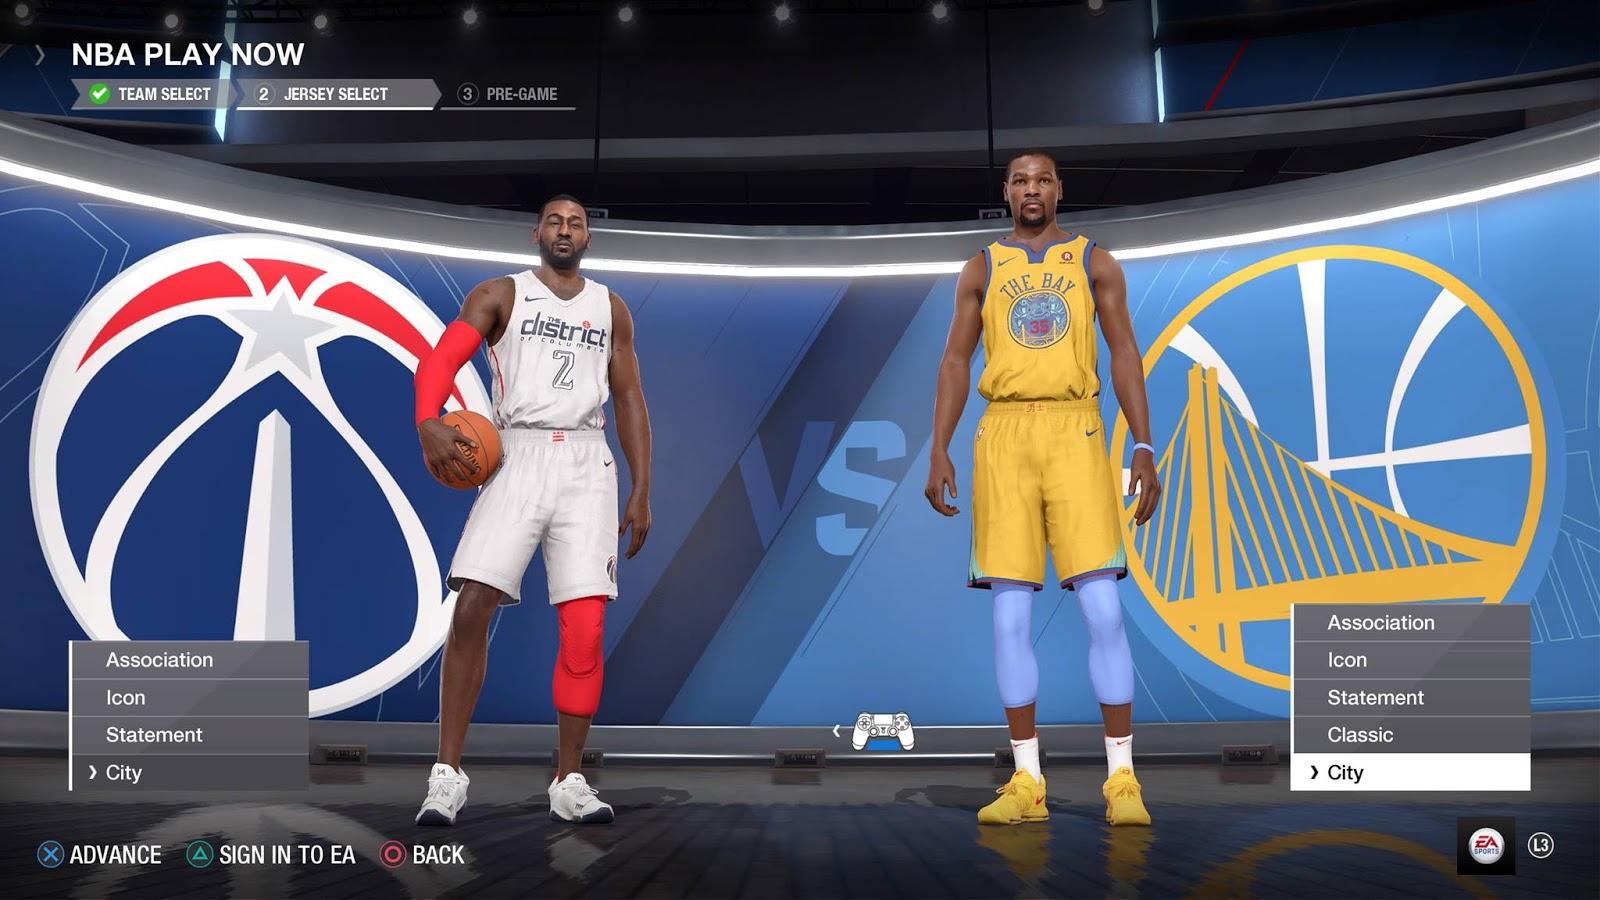 Nba Final Draft 2k18 | All Basketball Scores Info